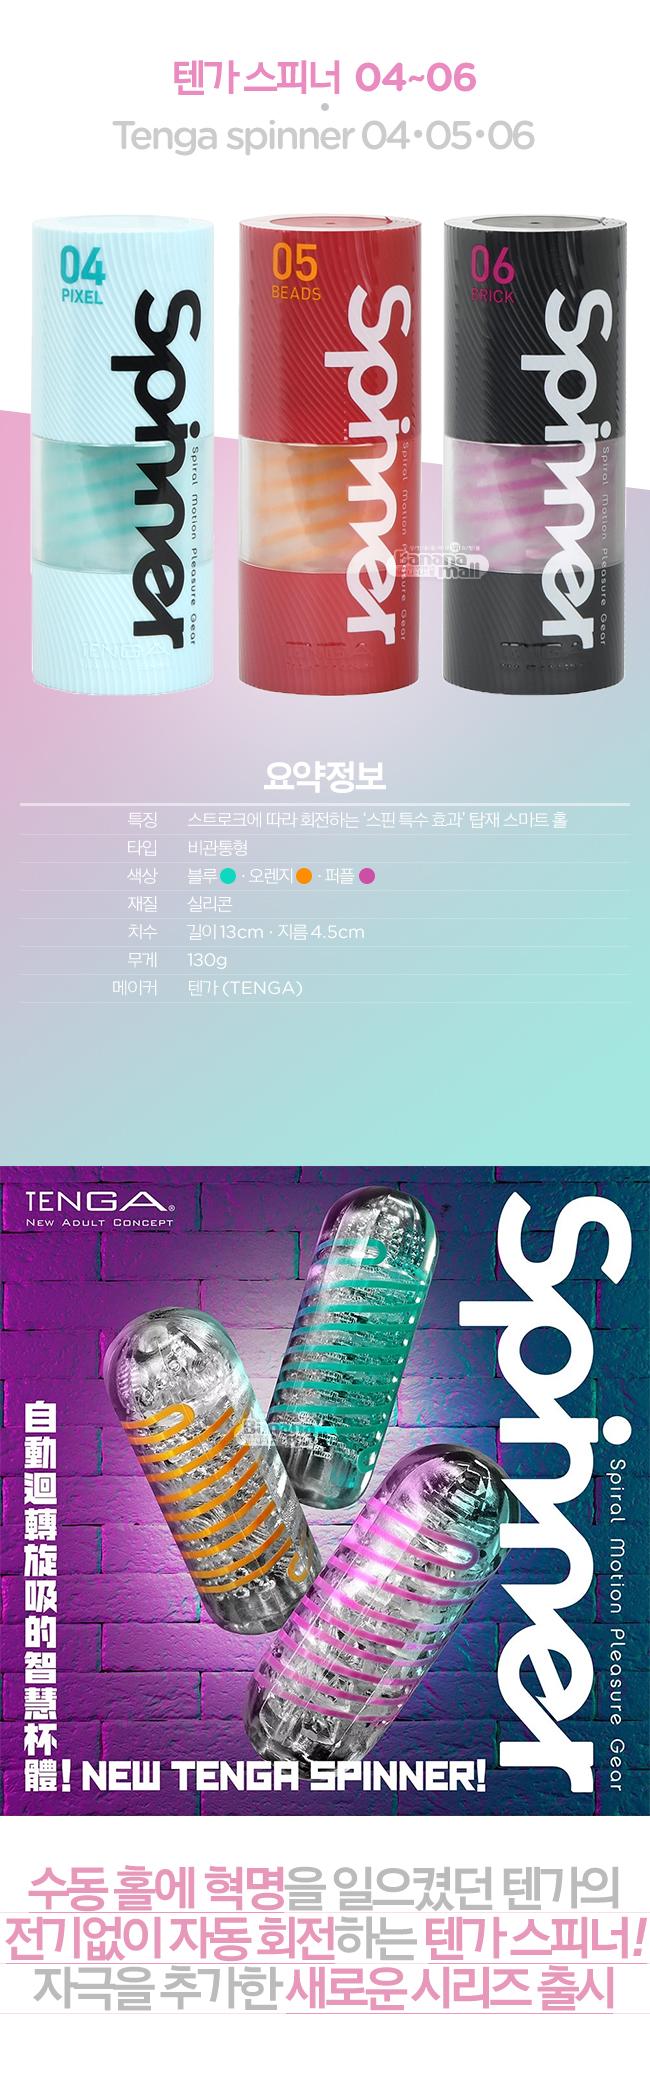 [일본 직수입] 텐가 스피너 04~06(TENGA SPINNER 04・05・06)